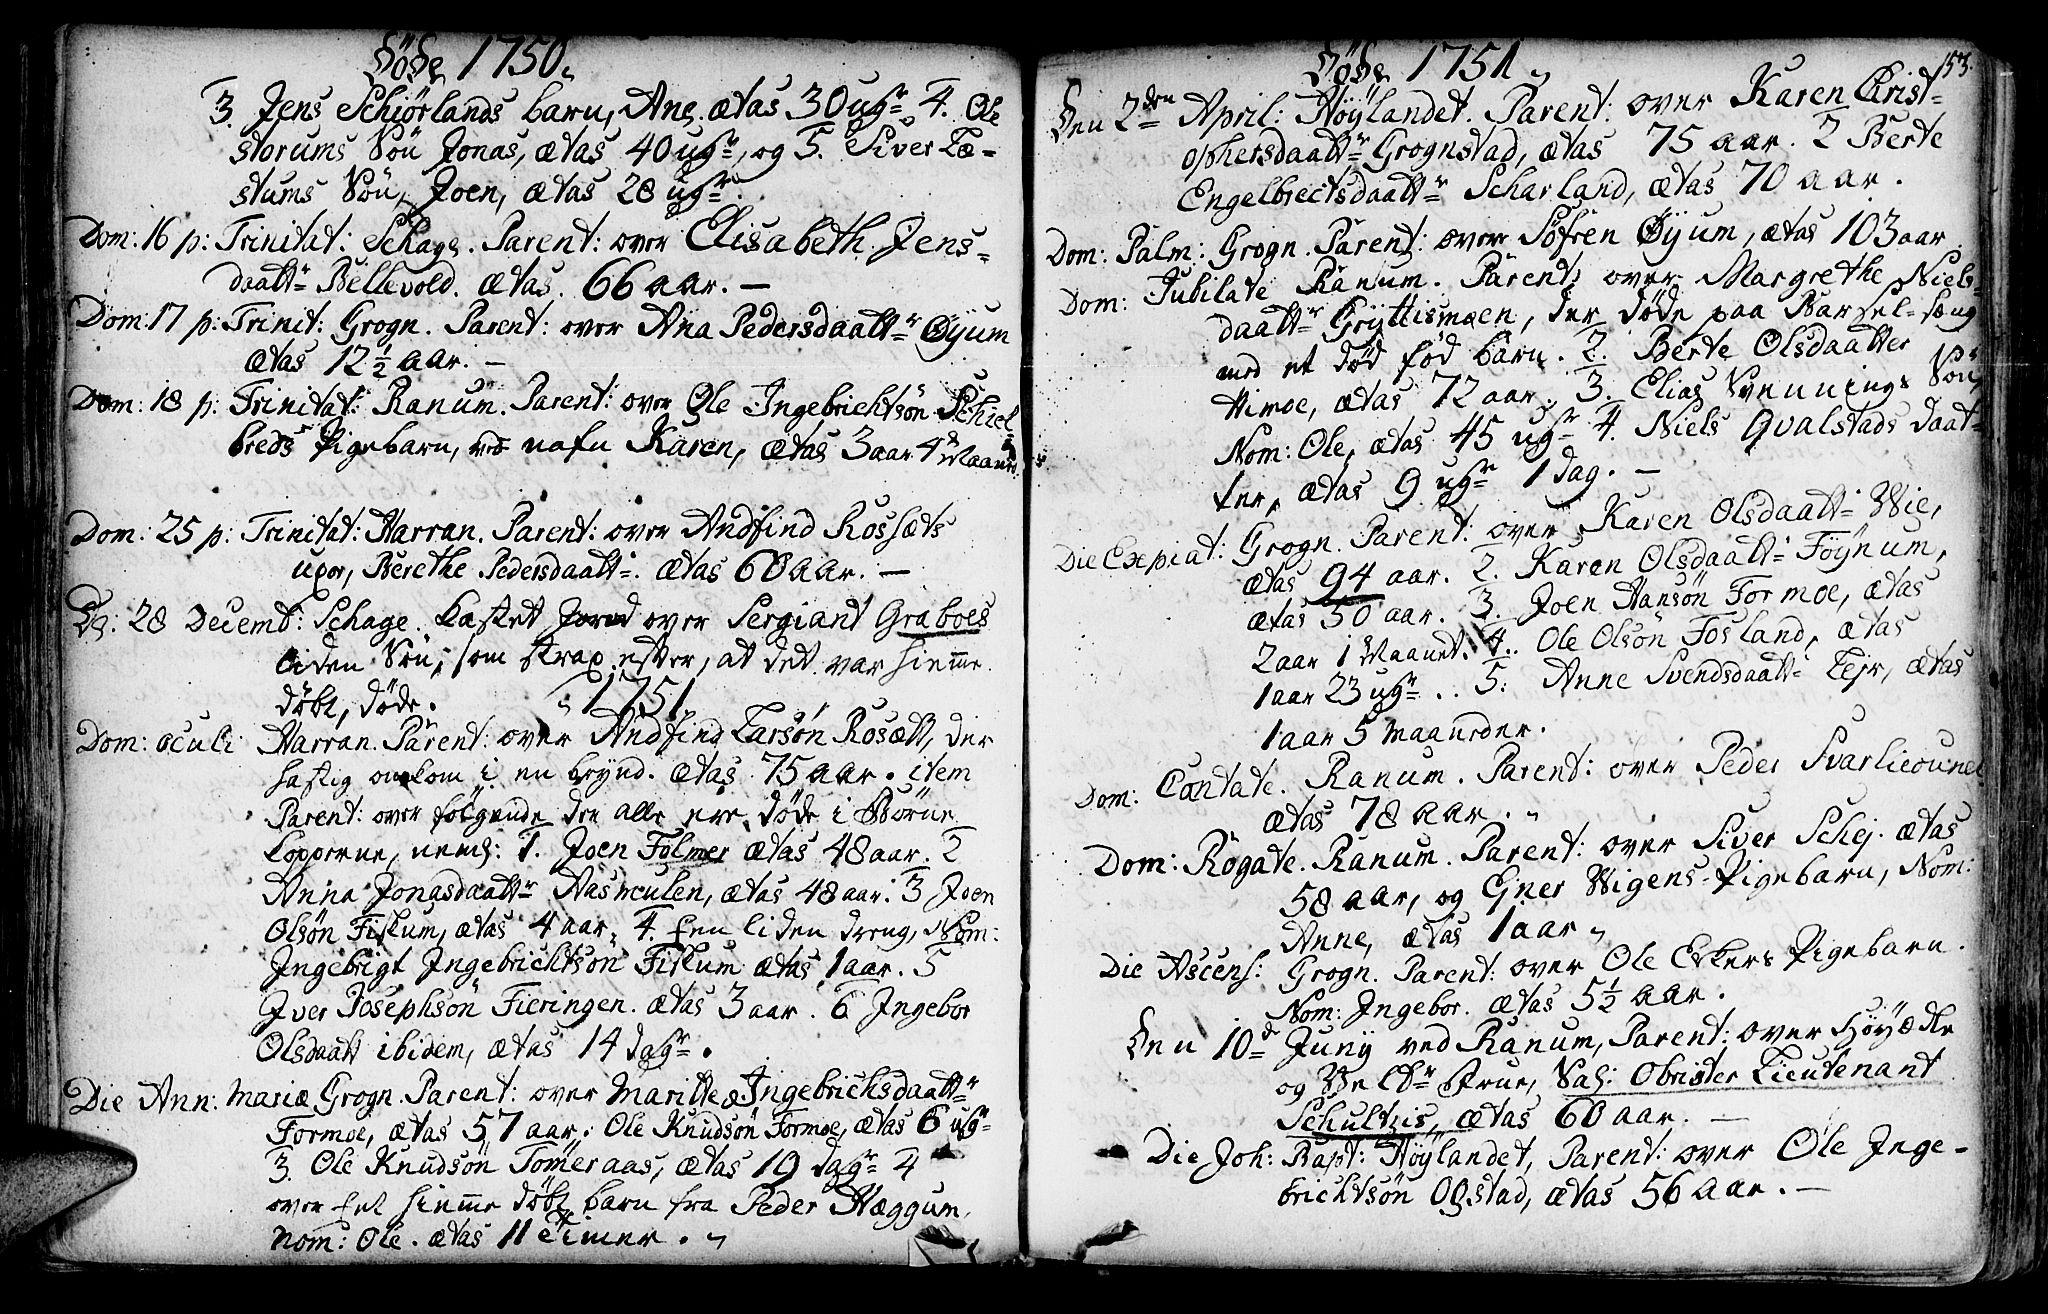 SAT, Ministerialprotokoller, klokkerbøker og fødselsregistre - Nord-Trøndelag, 764/L0542: Ministerialbok nr. 764A02, 1748-1779, s. 153